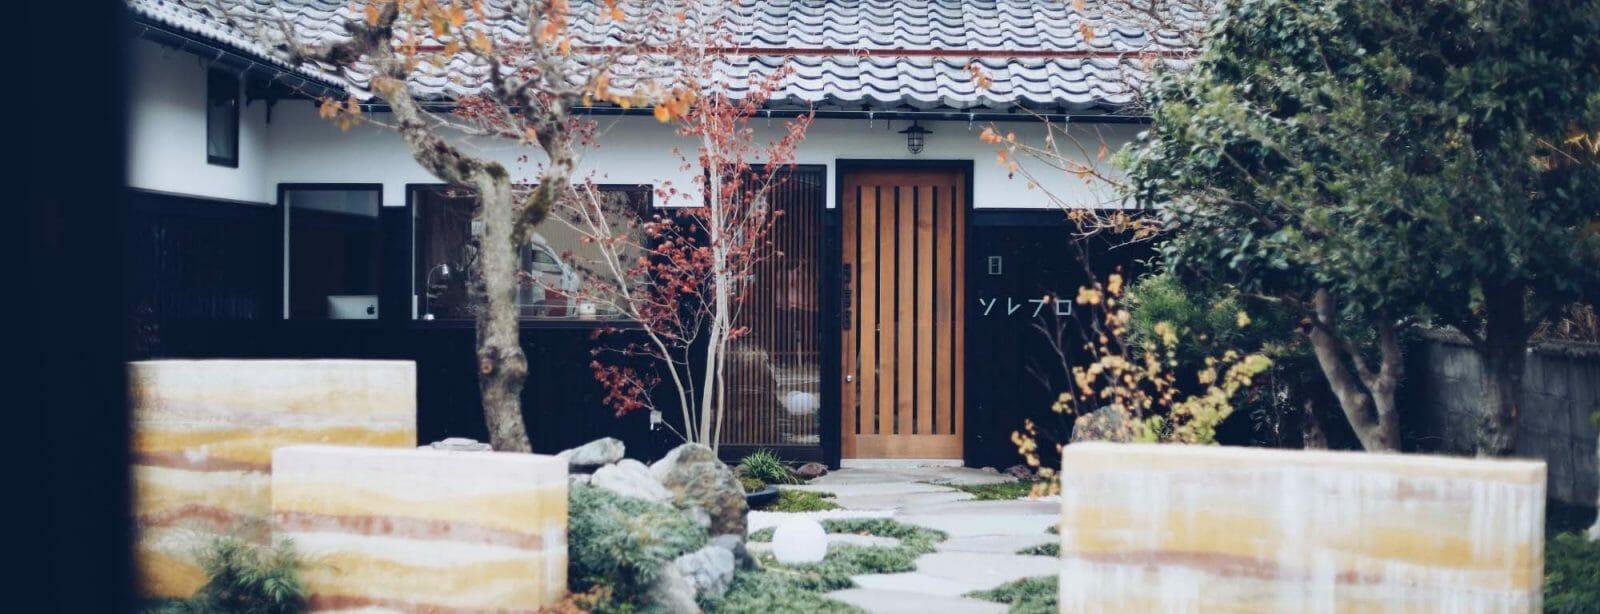 ソレプロの庭と玄関